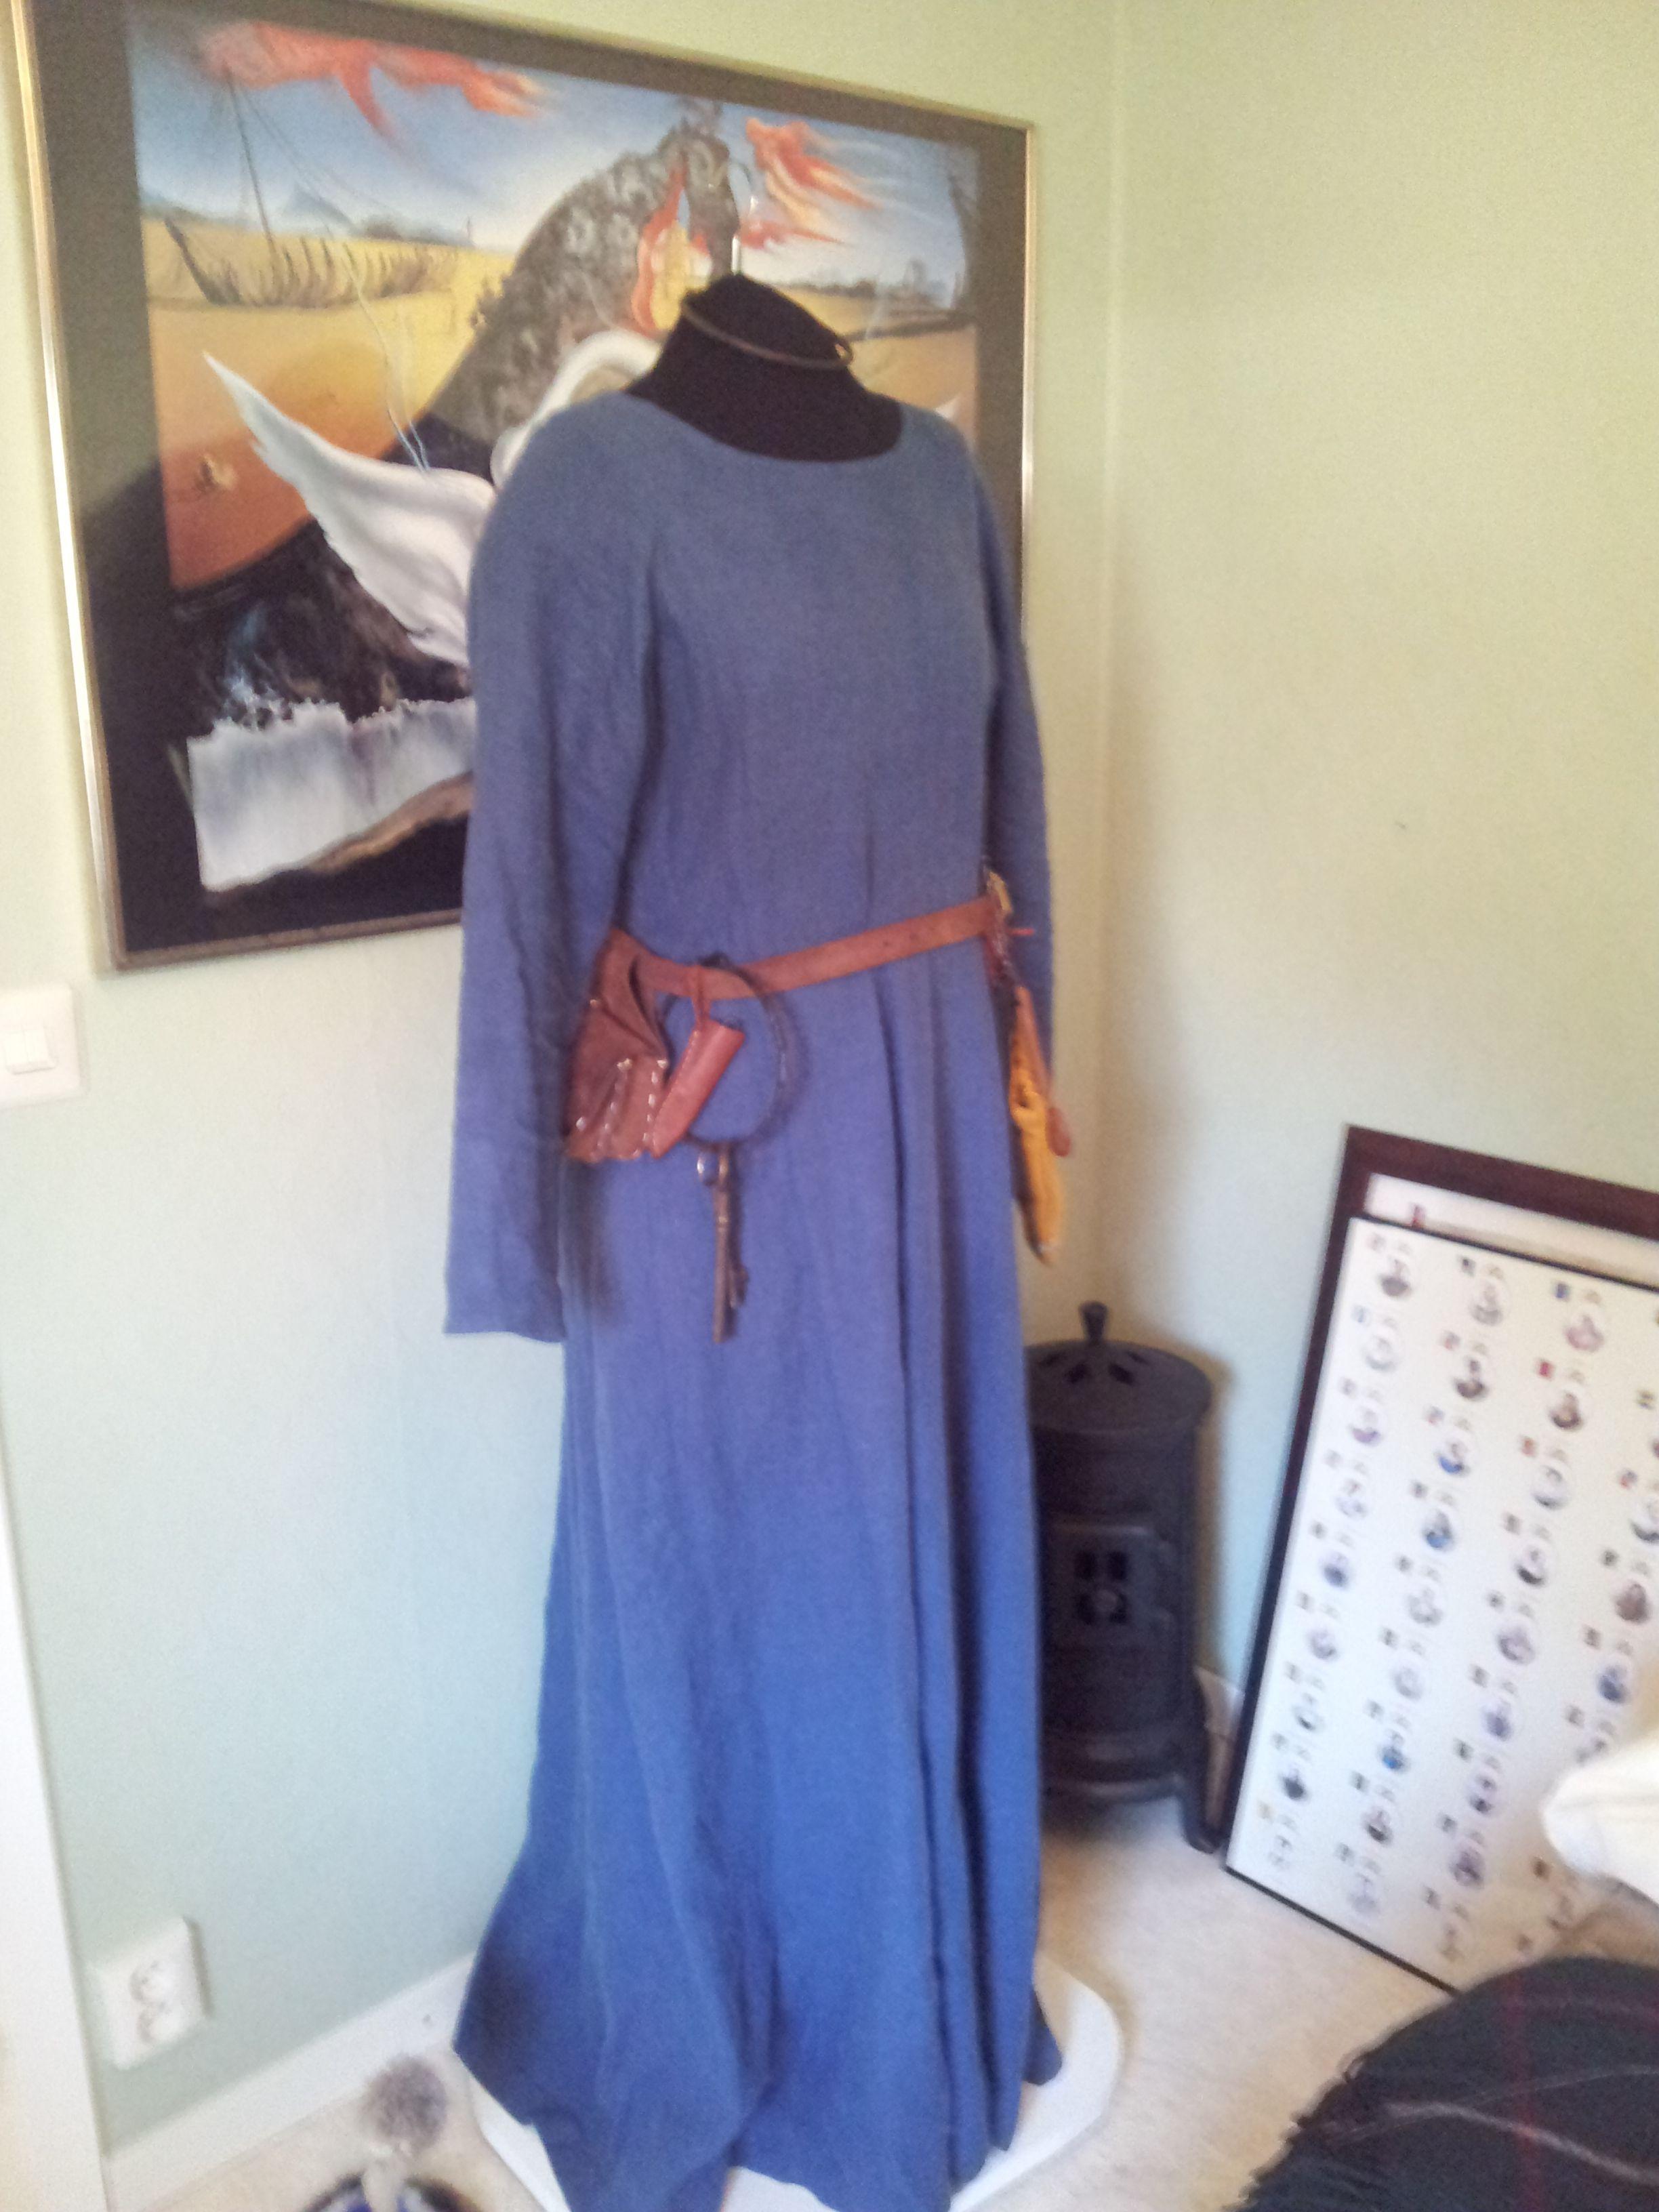 Jag håller på att sy en ny överklänning till sommarens medeltidsmarknader. Tyget är fiskbensmönstrat och går i grått och blått. Jag tänkte försöka få till en utstyrsel från den tidigare delen av medeltiden. Lite kortare och med brickband i kanterna.  Under klänningen ska jag ha den här blå klänningen i linne, jag vet att det inte är historiskt korrekt att klänningen är i linne, men tills vidare får det vara så.